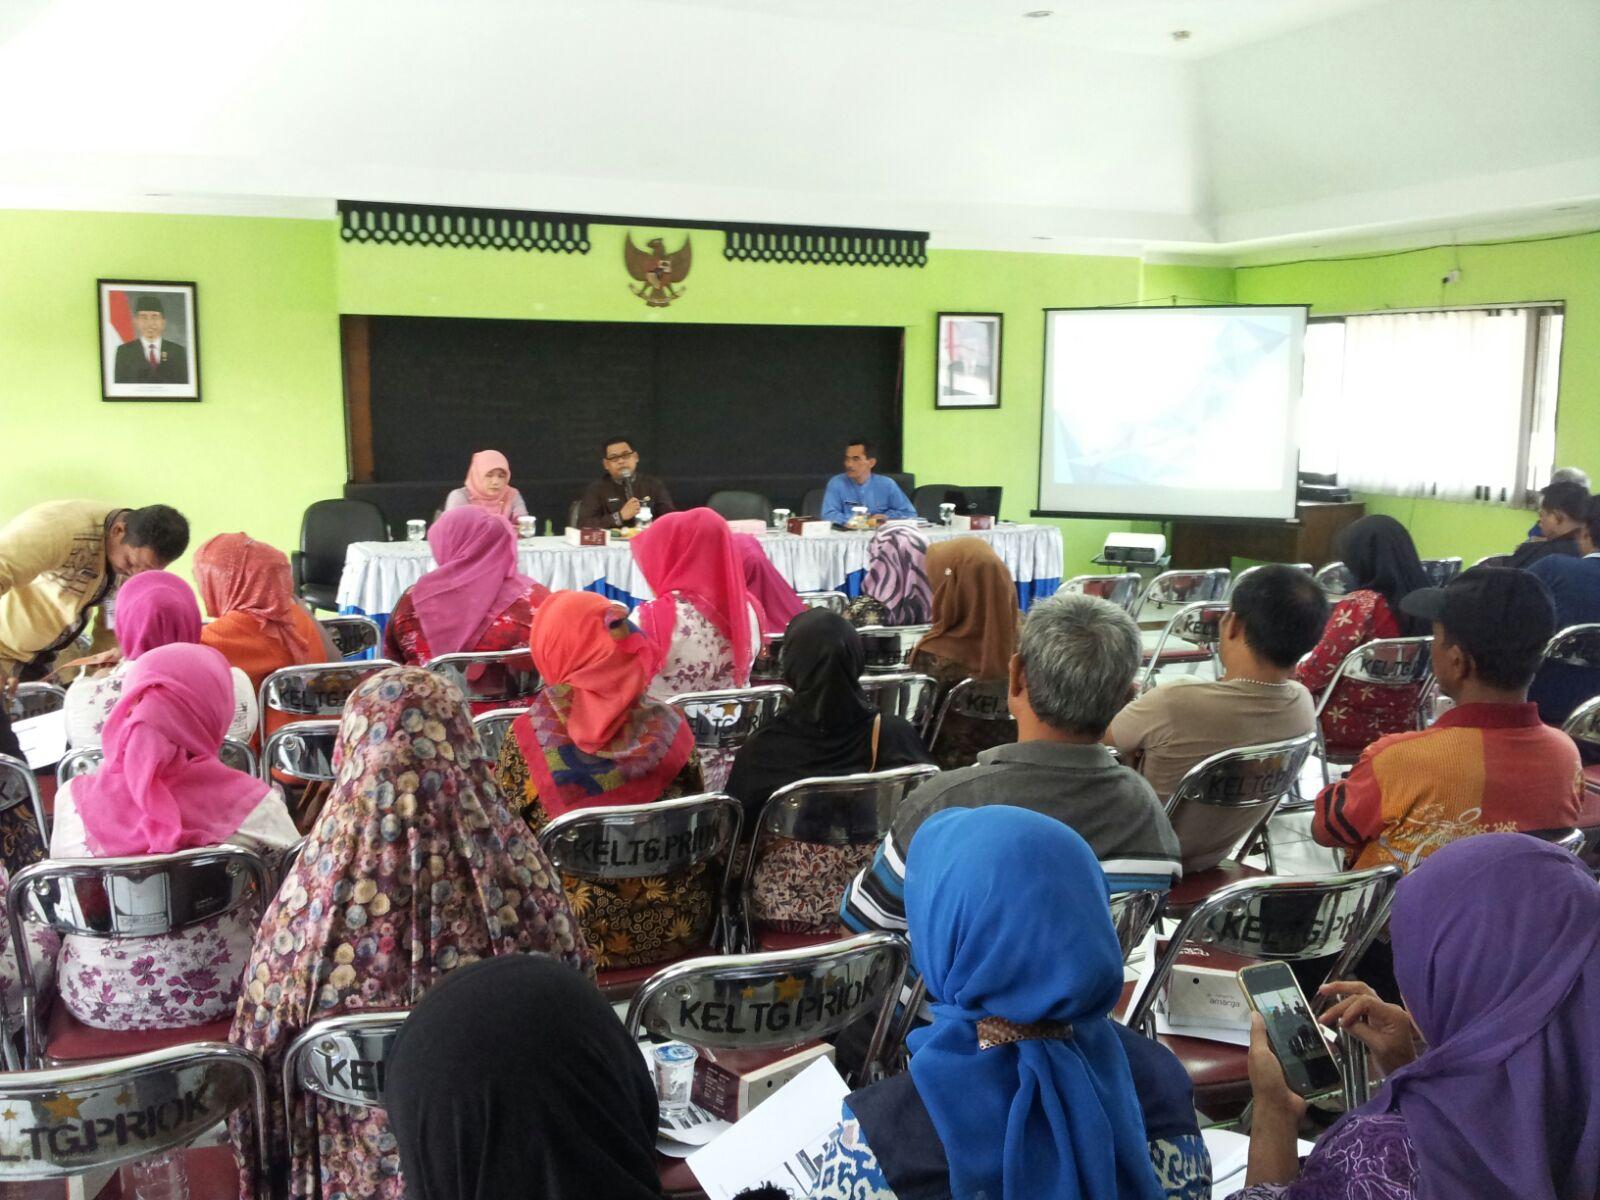 Hari Budijanto dari Humas DPP memberikan materi di kelurahan Tanjung Priok